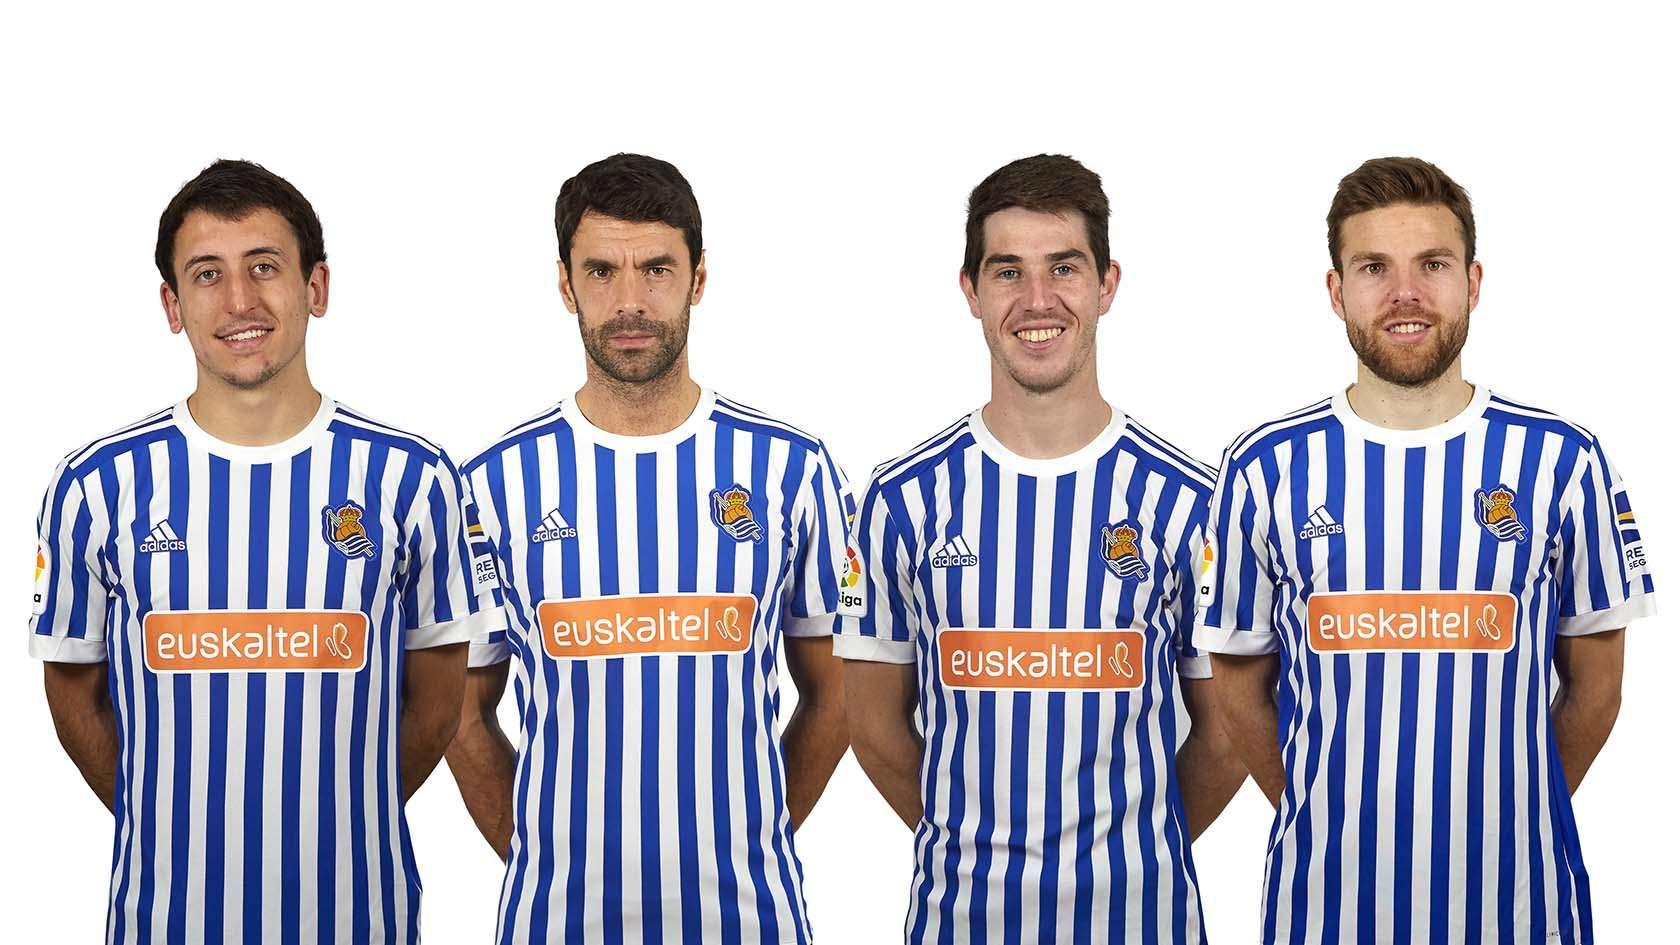 segunda equipacion Real Sociedad online